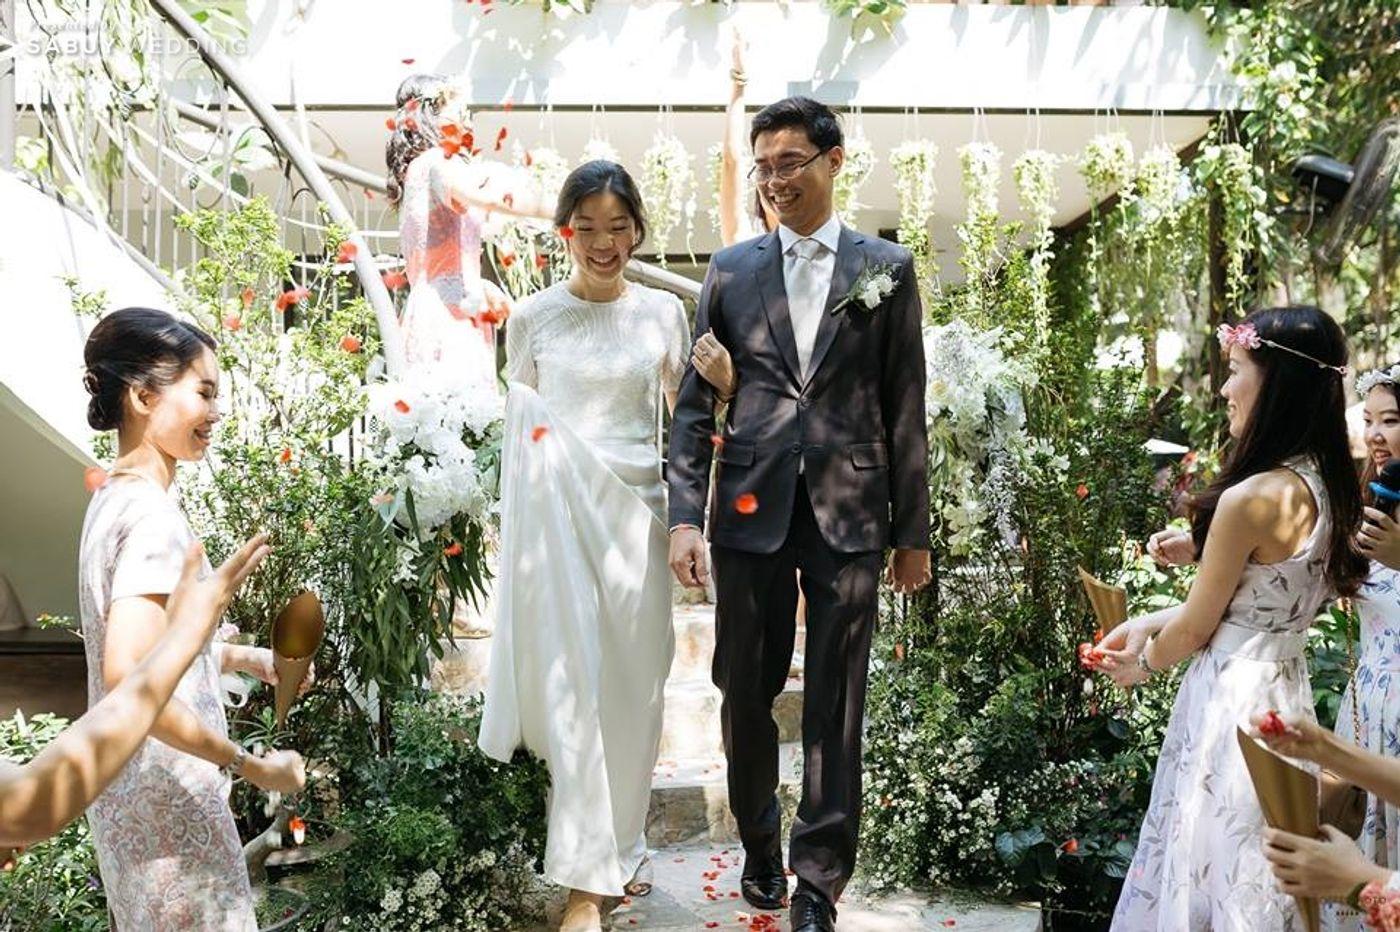 บ่าวสาว,ชุดบ่าวสาว,งานแต่งงาน,ชุดเจ้าสาว,ชุดเจ้าบ่าว,ตกแต่งงานแต่ง,งานแต่งในสวน,รูปงานแต่ง รีวิวงานแต่งโรแมนติกมินิมอล อบอุ่นความหวาน ท่ามกลางร่มไม้ในสวน @The Gardens of Dinsor Palace